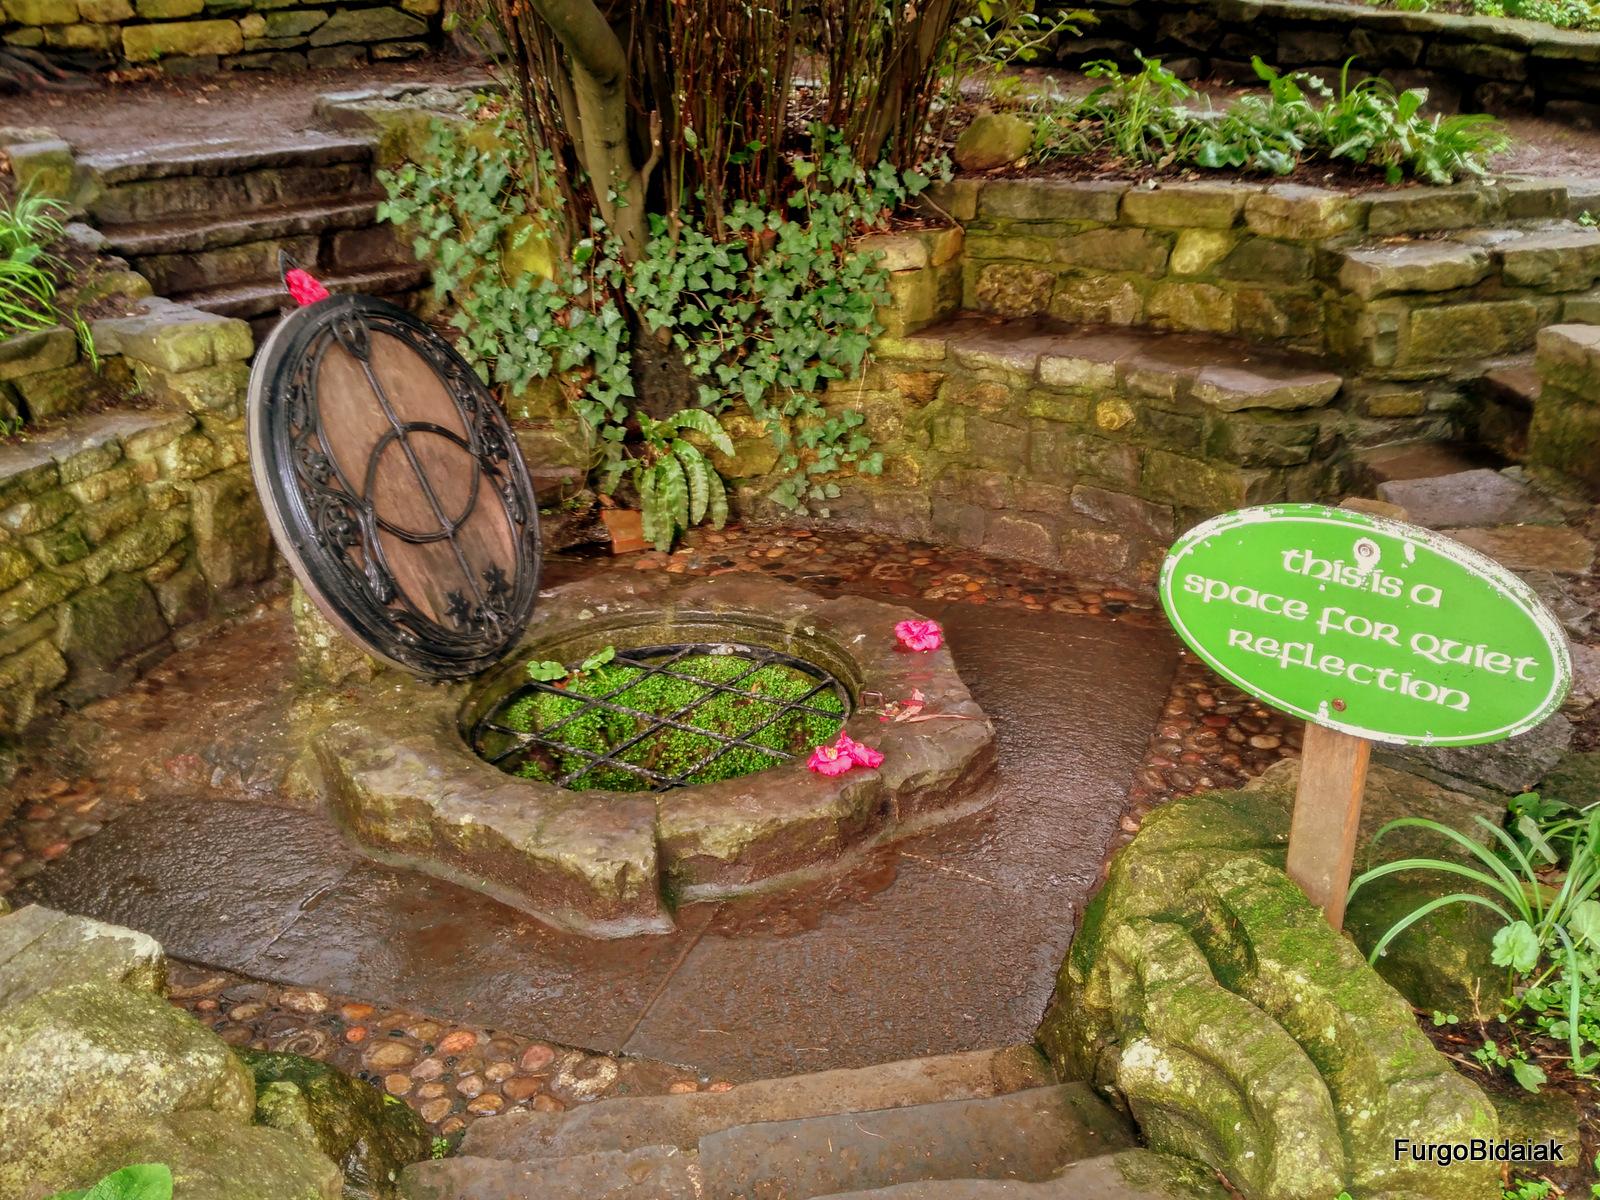 Chalice Wells Garden, Inglaterra ,FurgoBidaiak